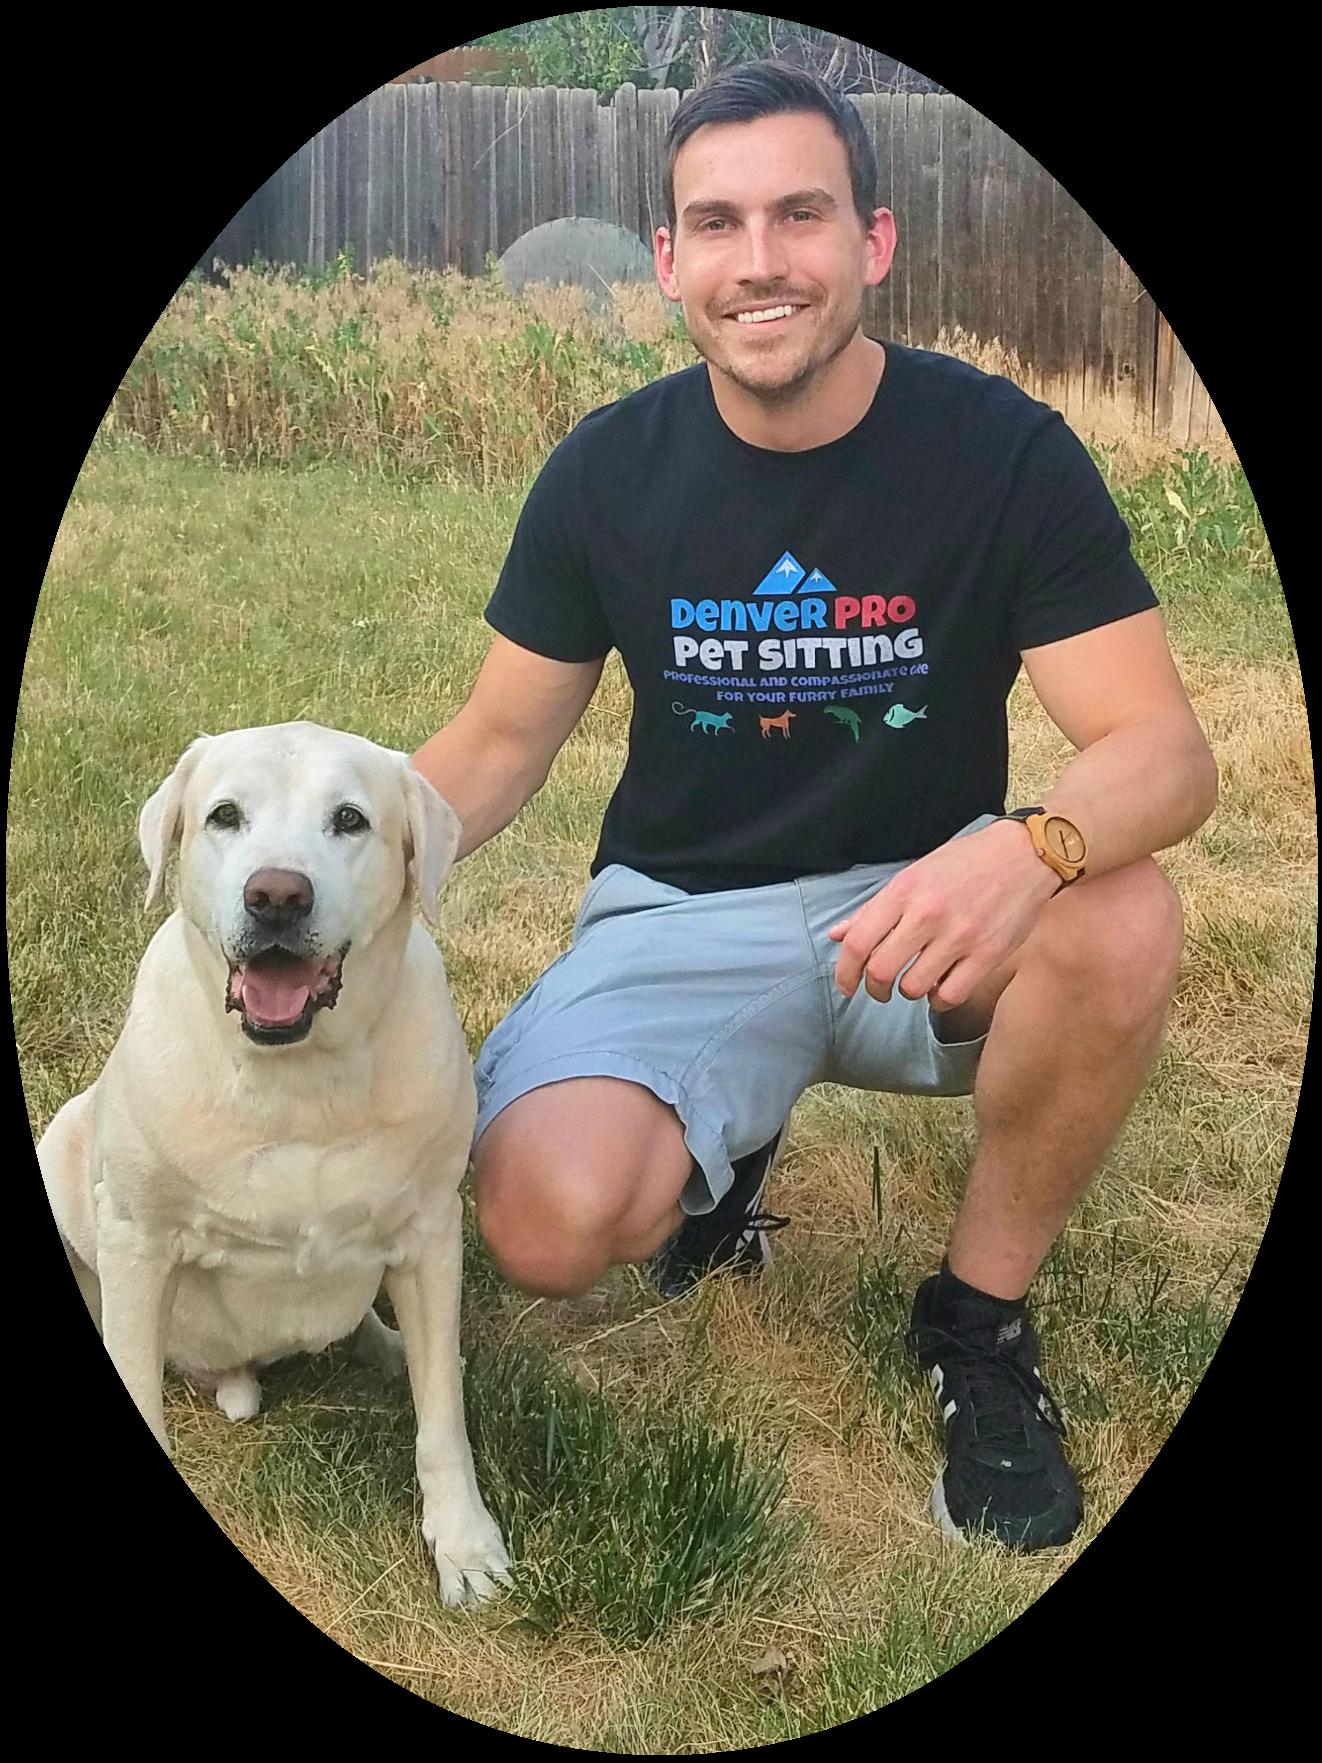 Denver-Pro-Pet-Sitting-Owner